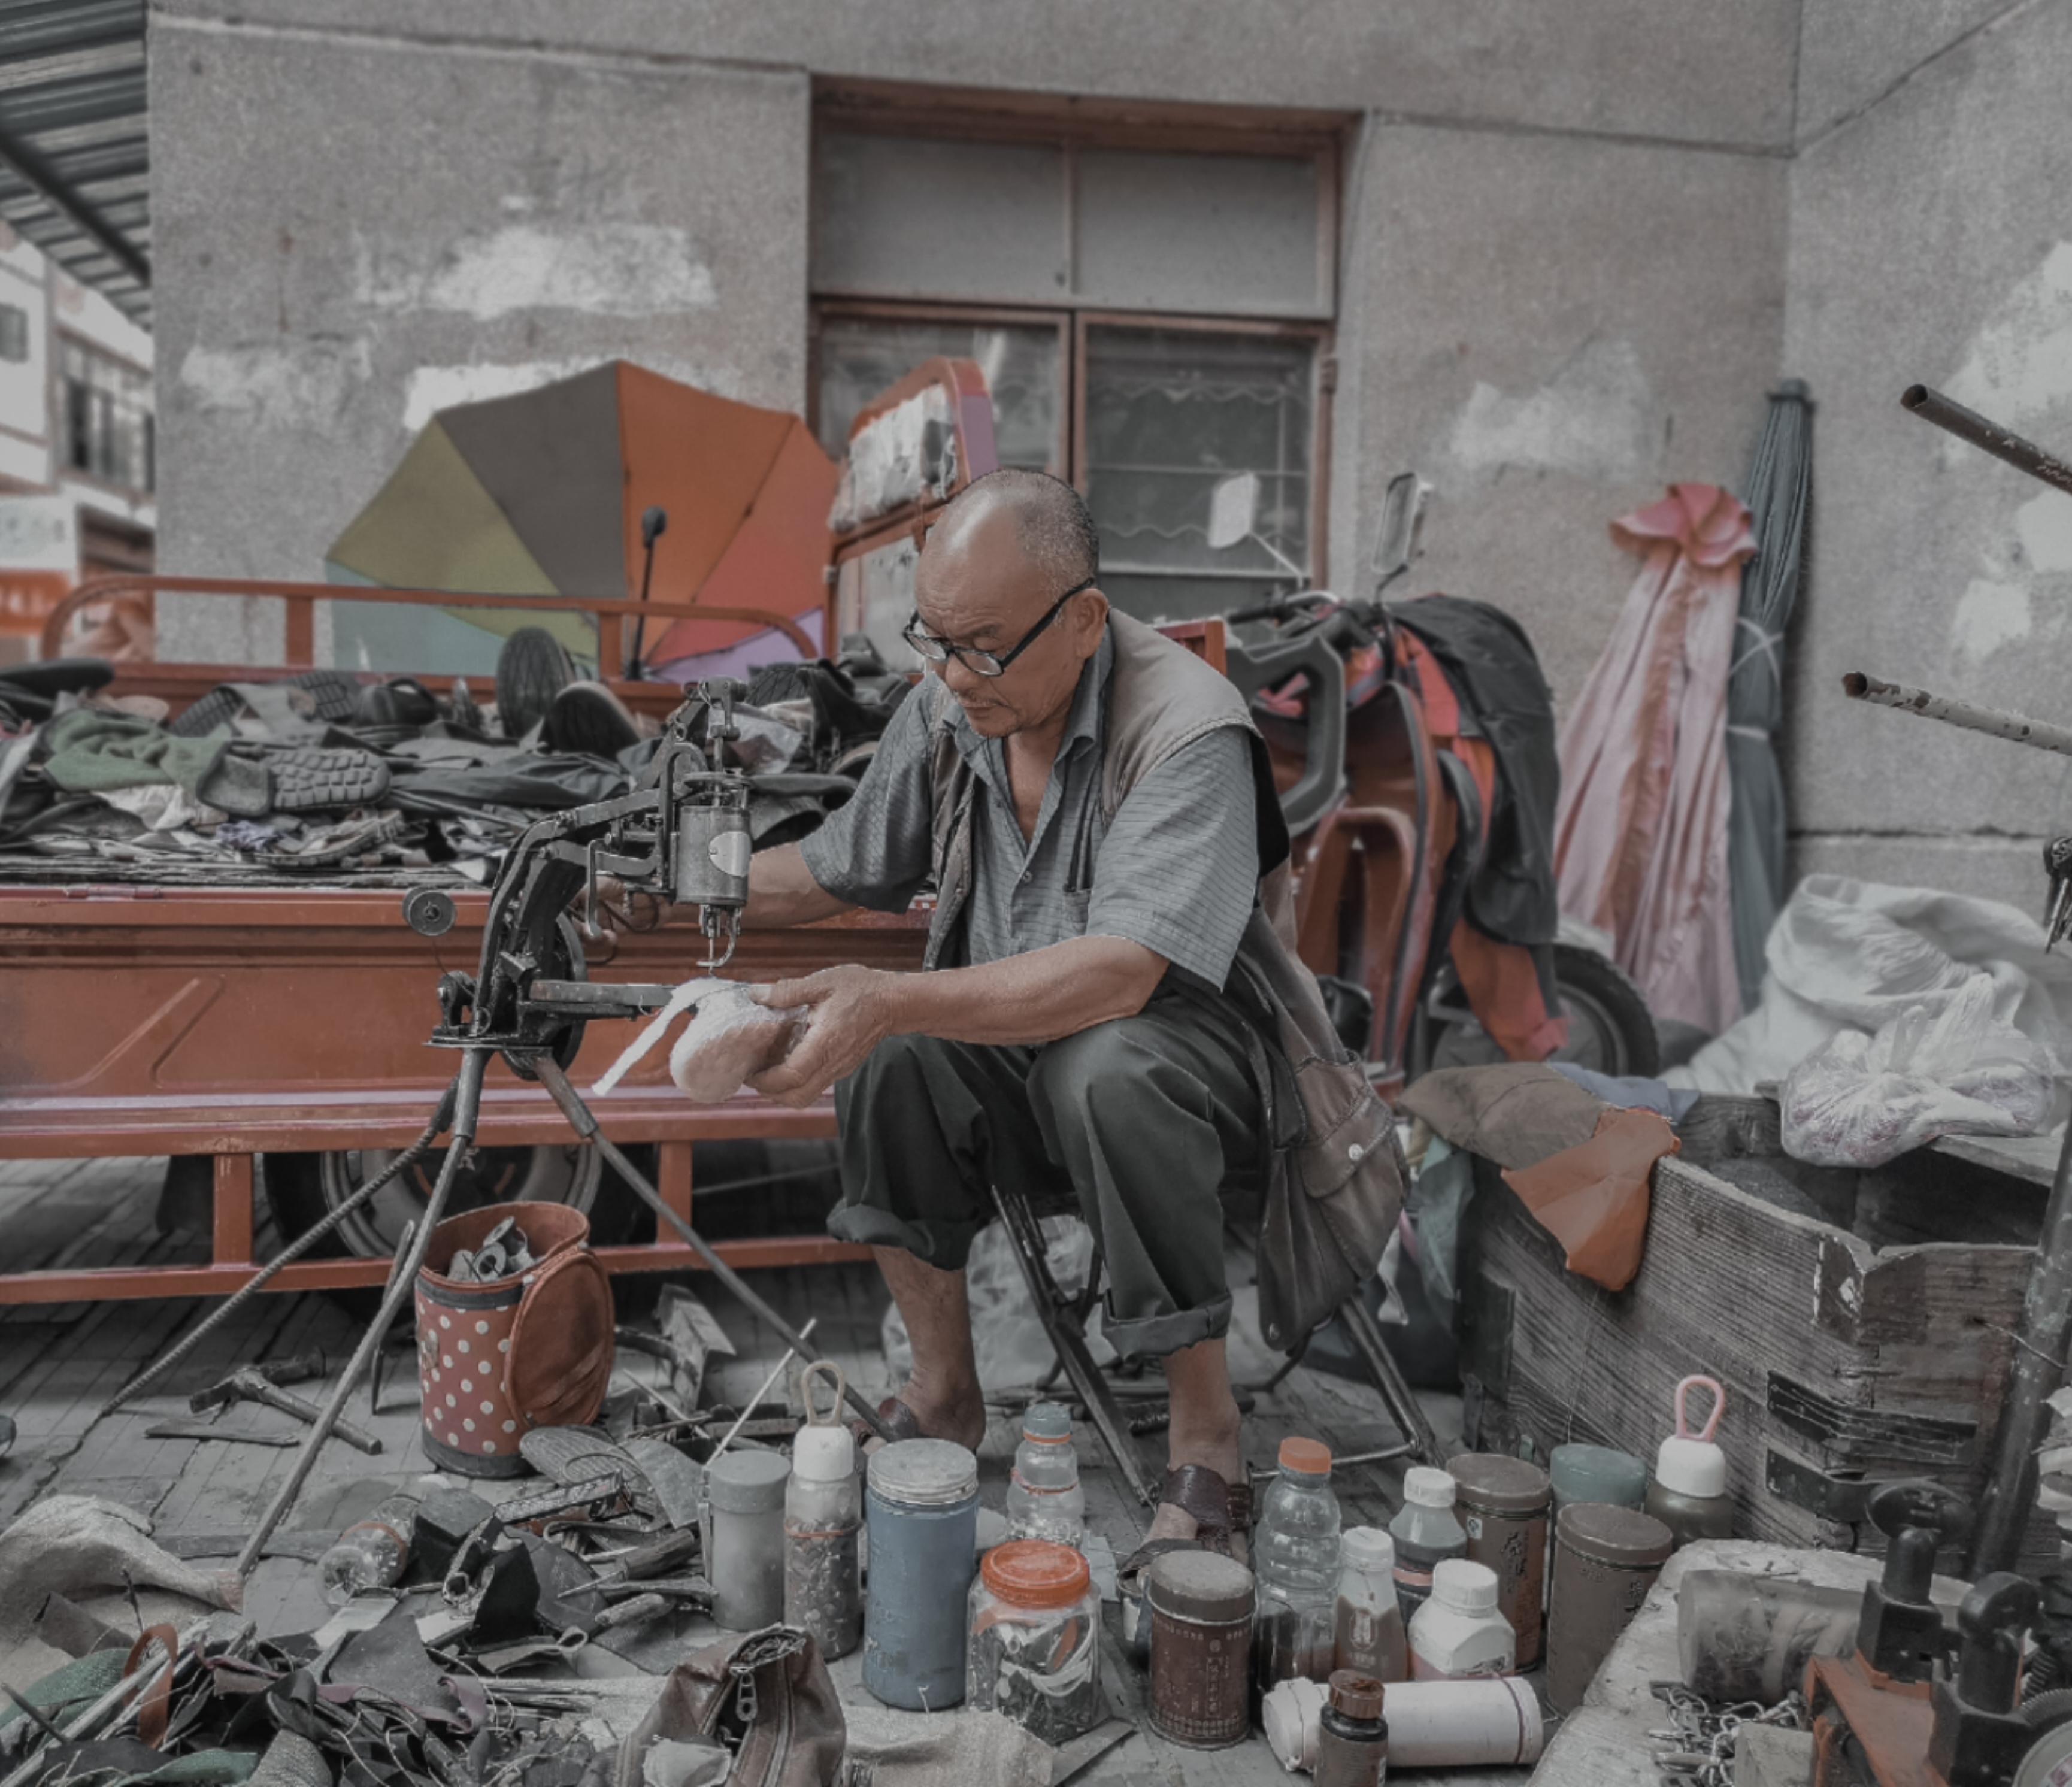 重庆-honest 《消失的老技人》 HUAWEI.jpg